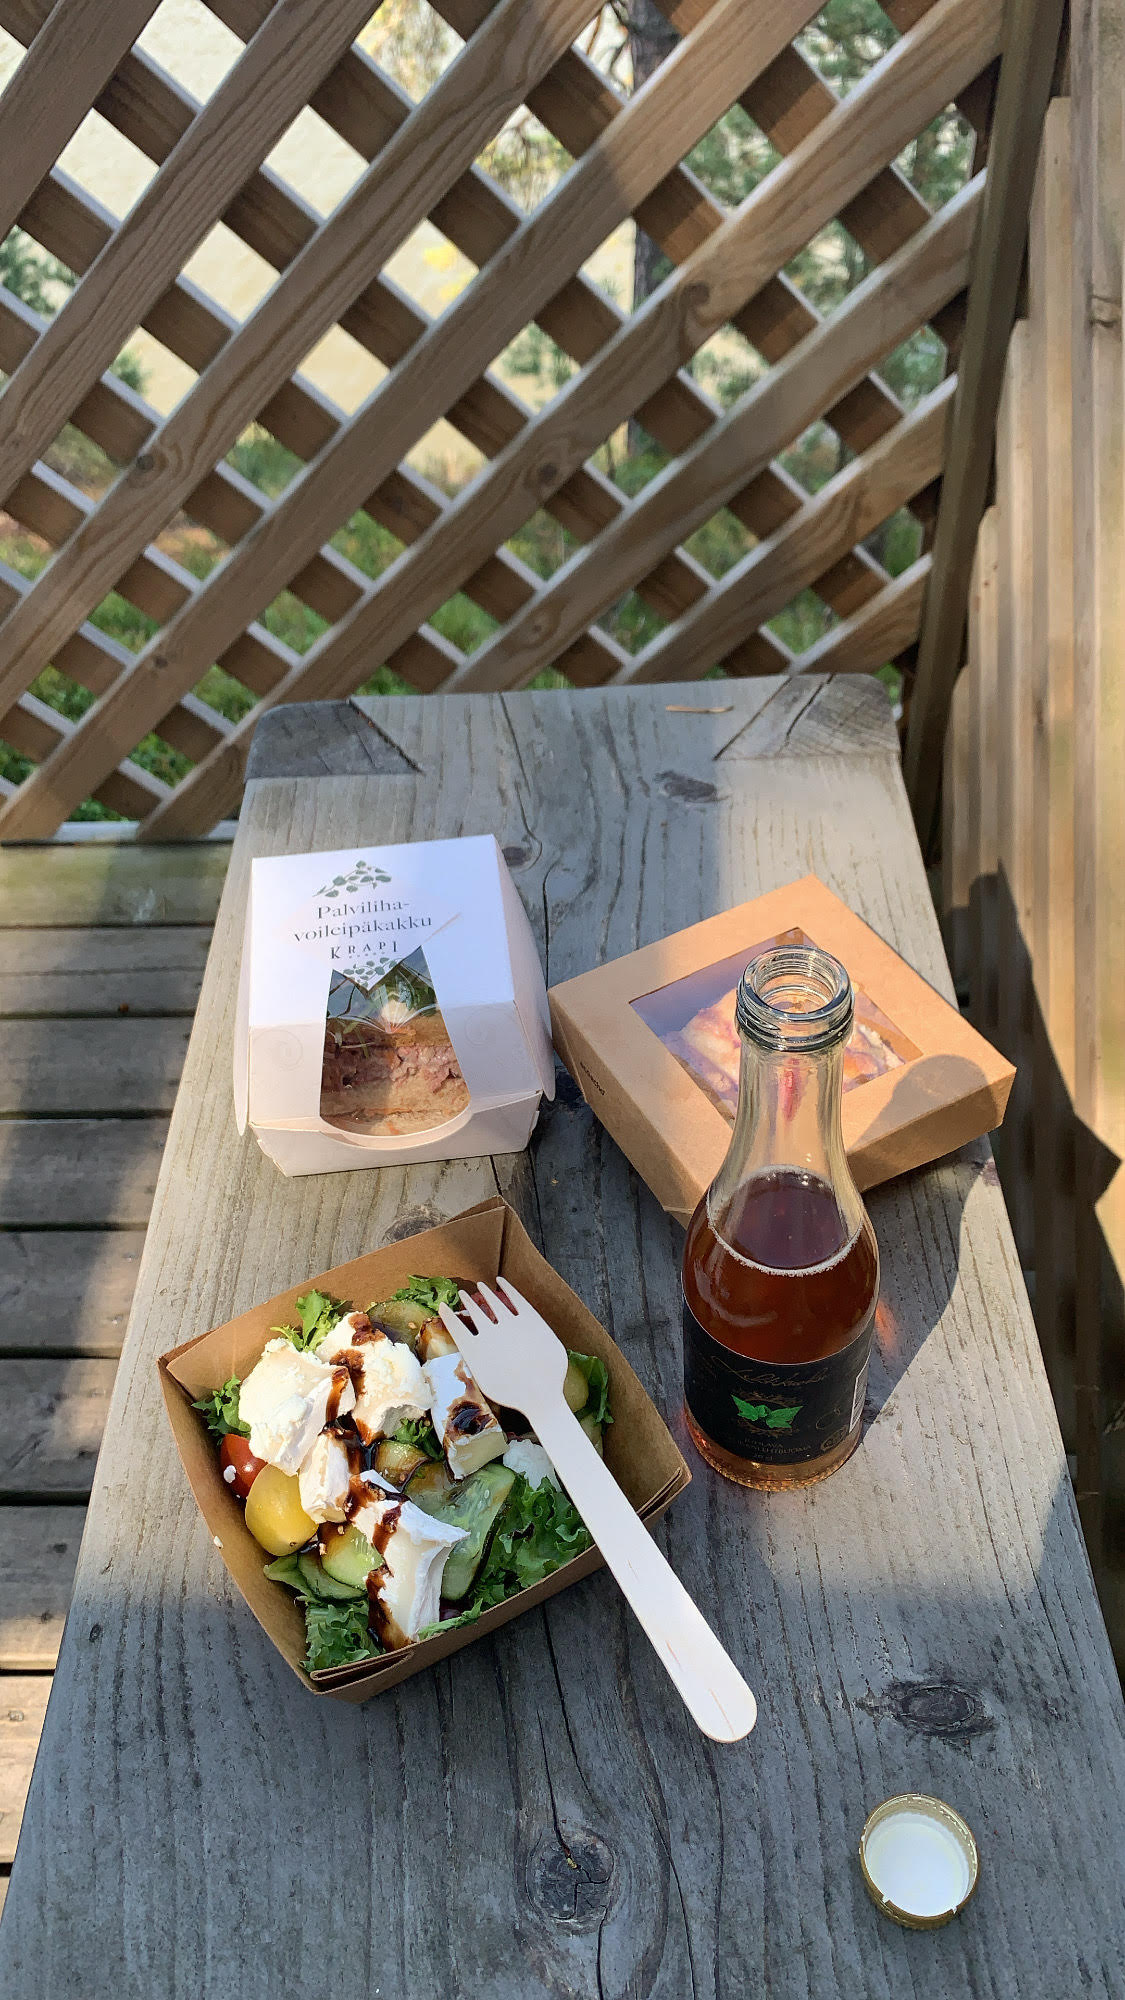 Krapin piknik-eväät. © Moona Laakso